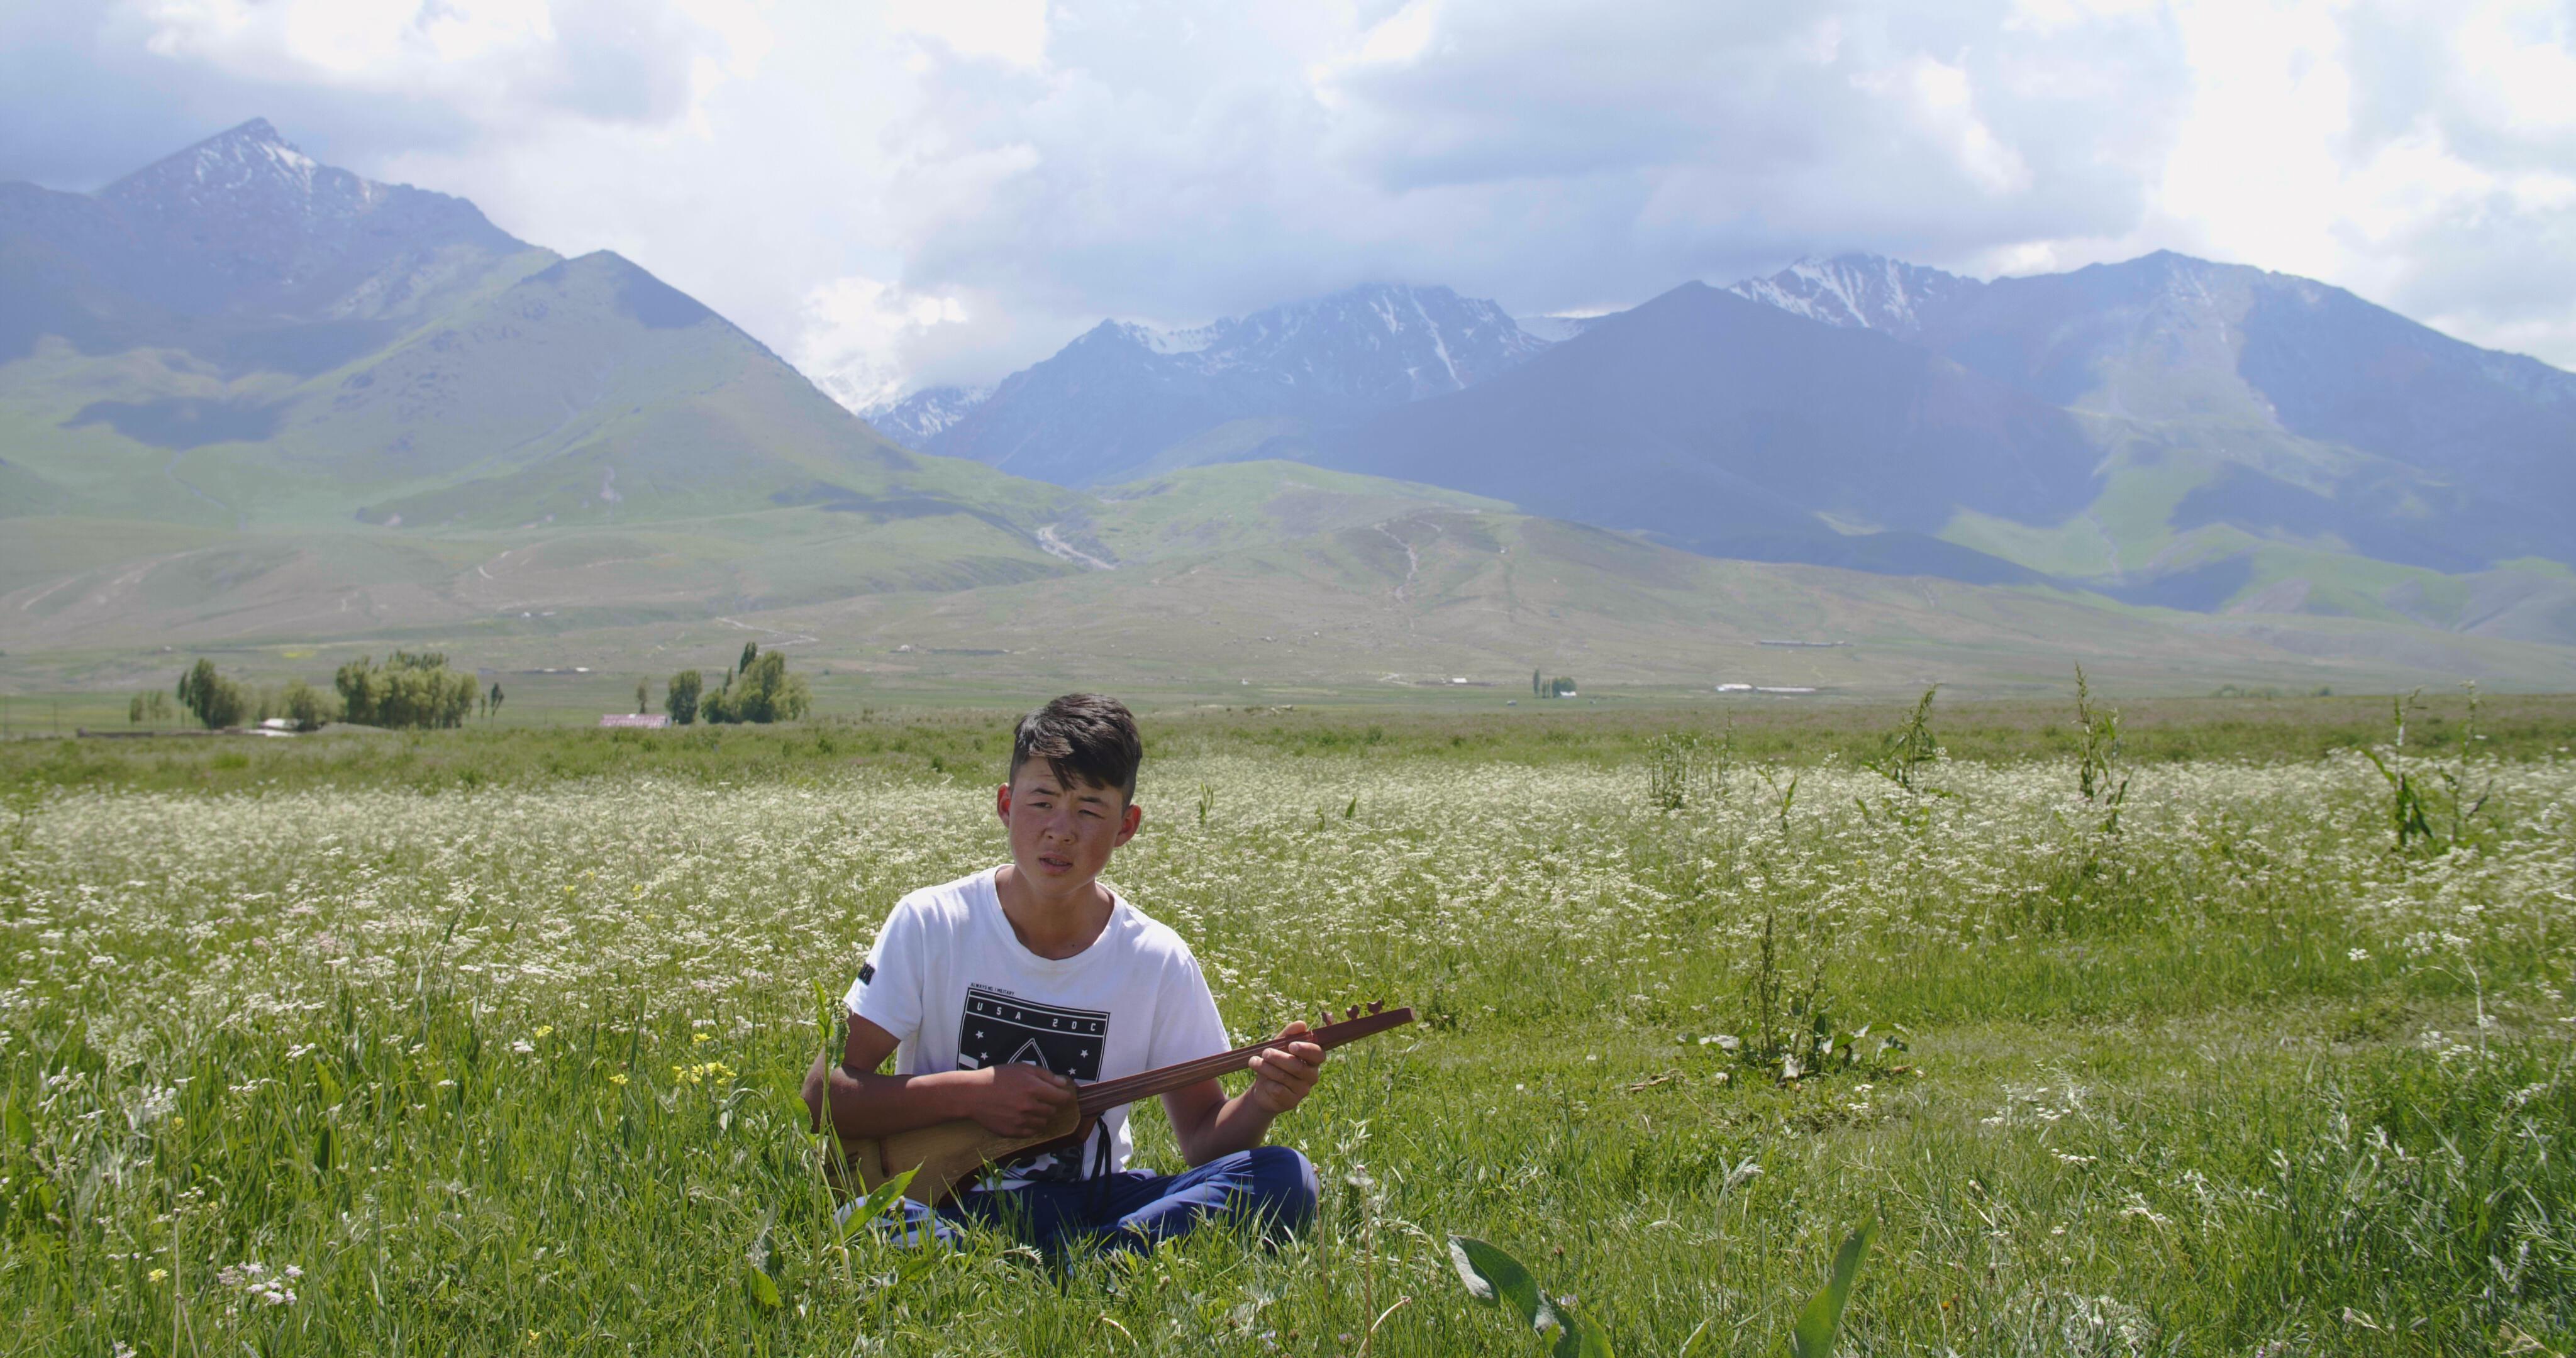 KyrgyzNightingale_Stills__1.32.1